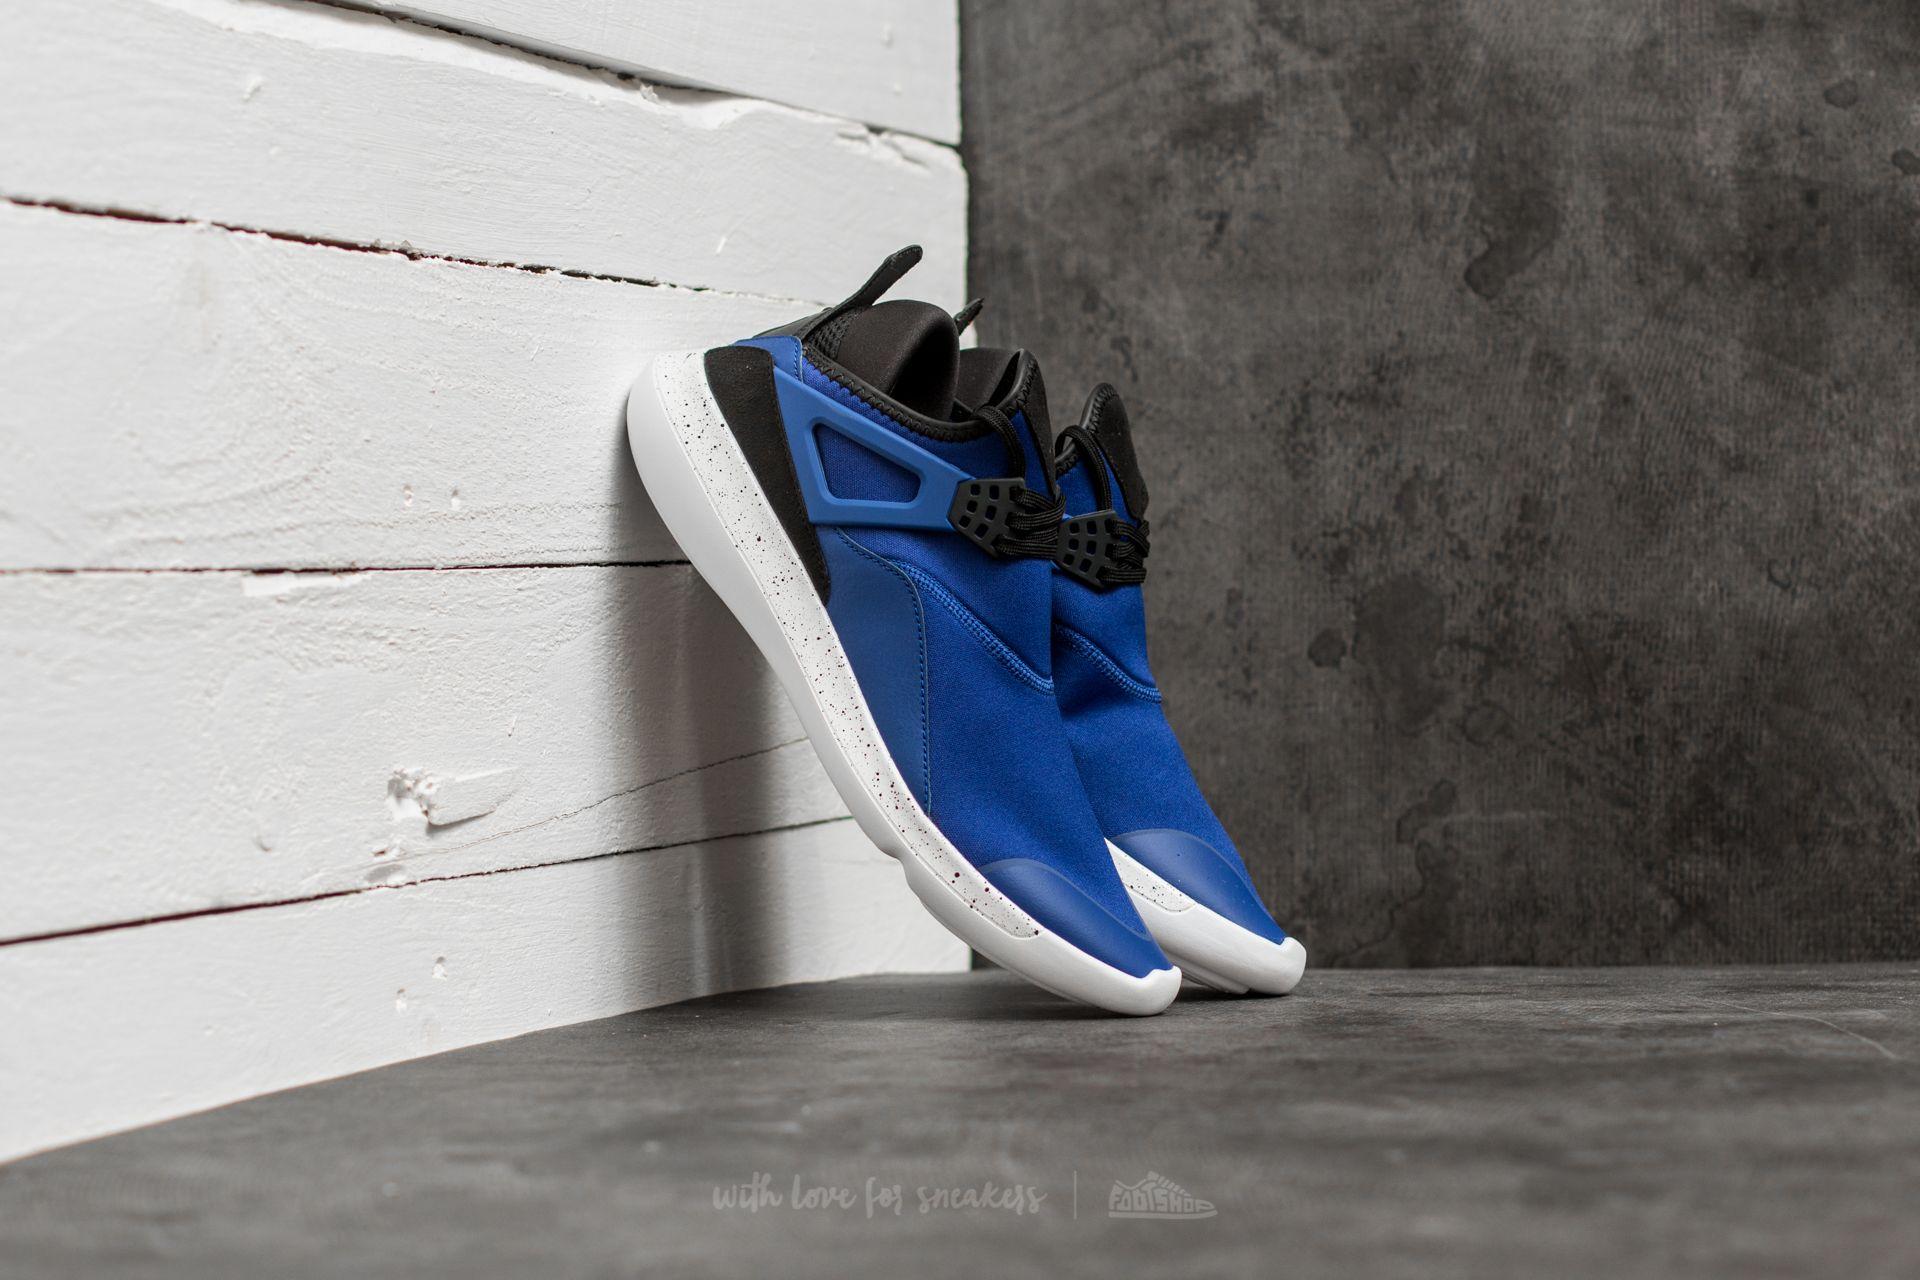 f4aae1c34 Jordan Fly ´89 Deep Royal Blue/ Black-White | Footshop